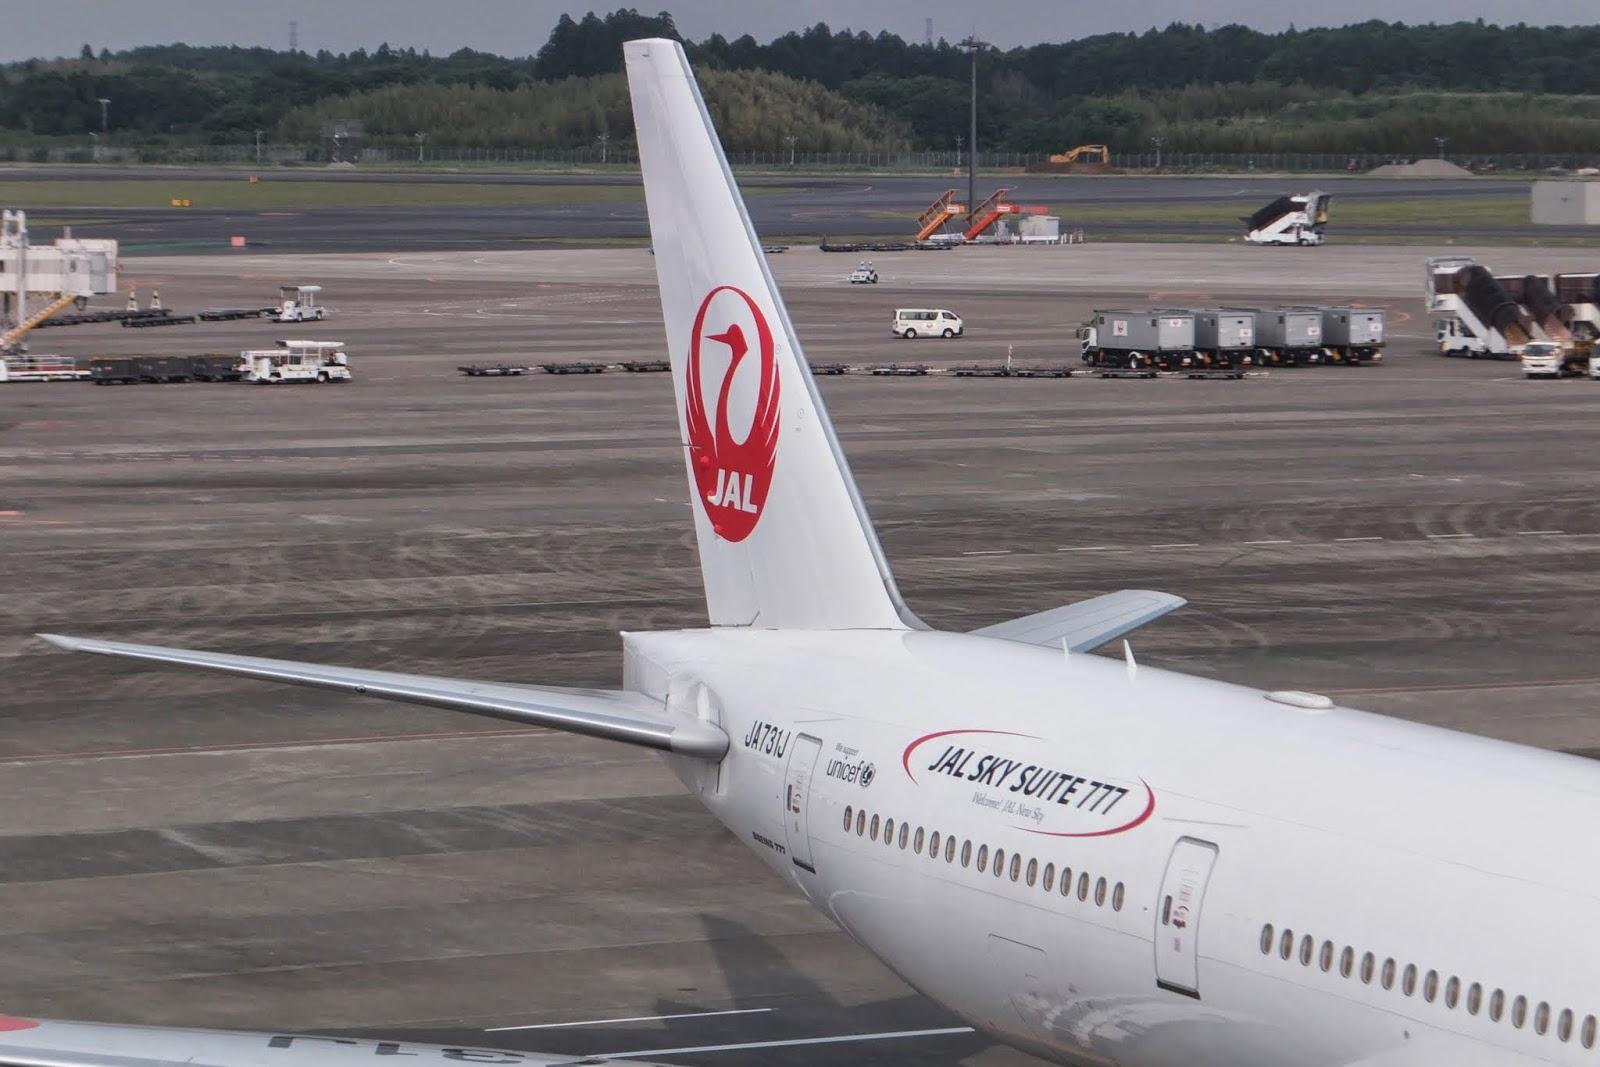 JAL-sky-suite-777